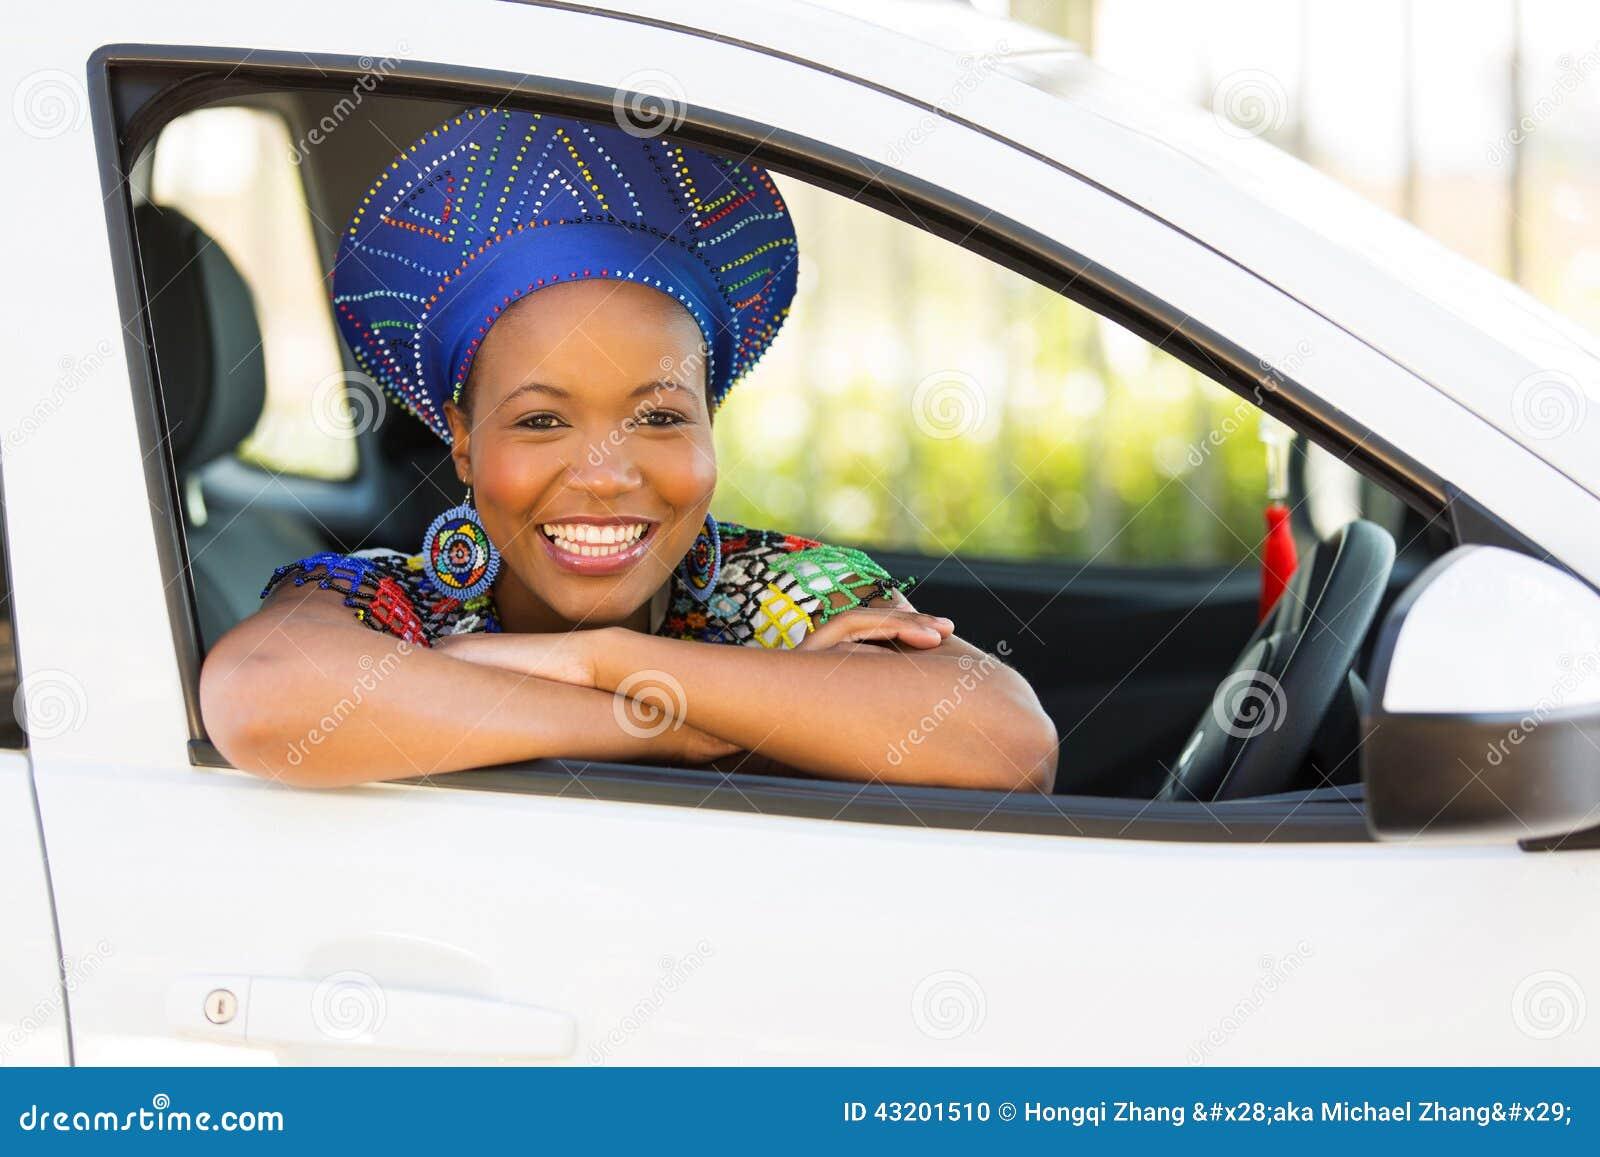 Download Ny Bil För Afrikansk Flicka Arkivfoto - Bild av hatt, loft: 43201510